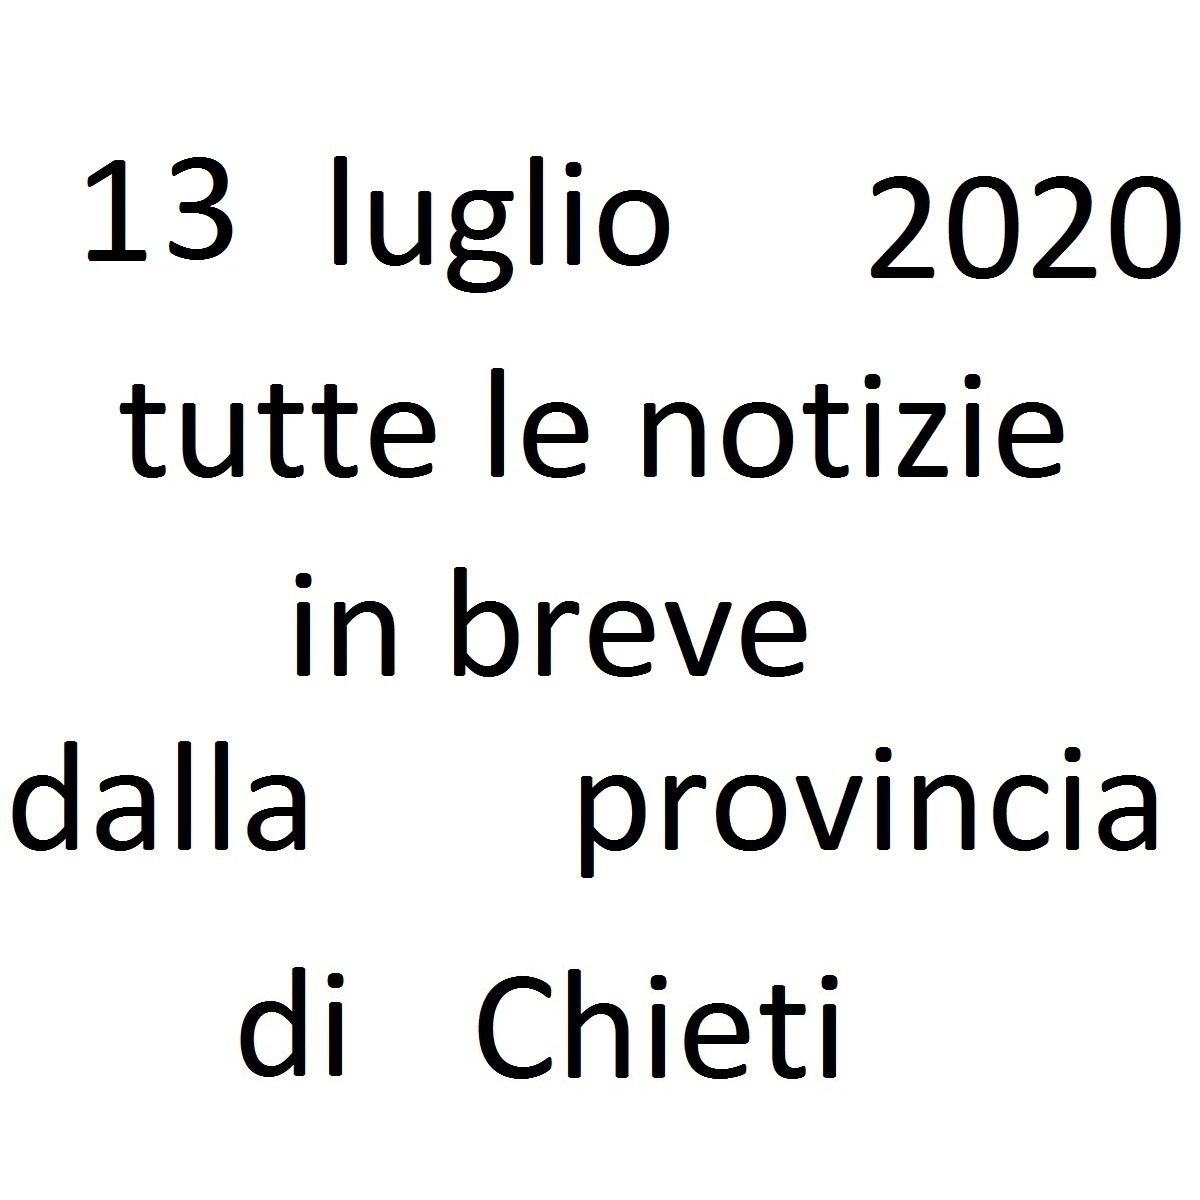 13 luglio 2020 notizie in breve dalla Provincia di Chieti foto